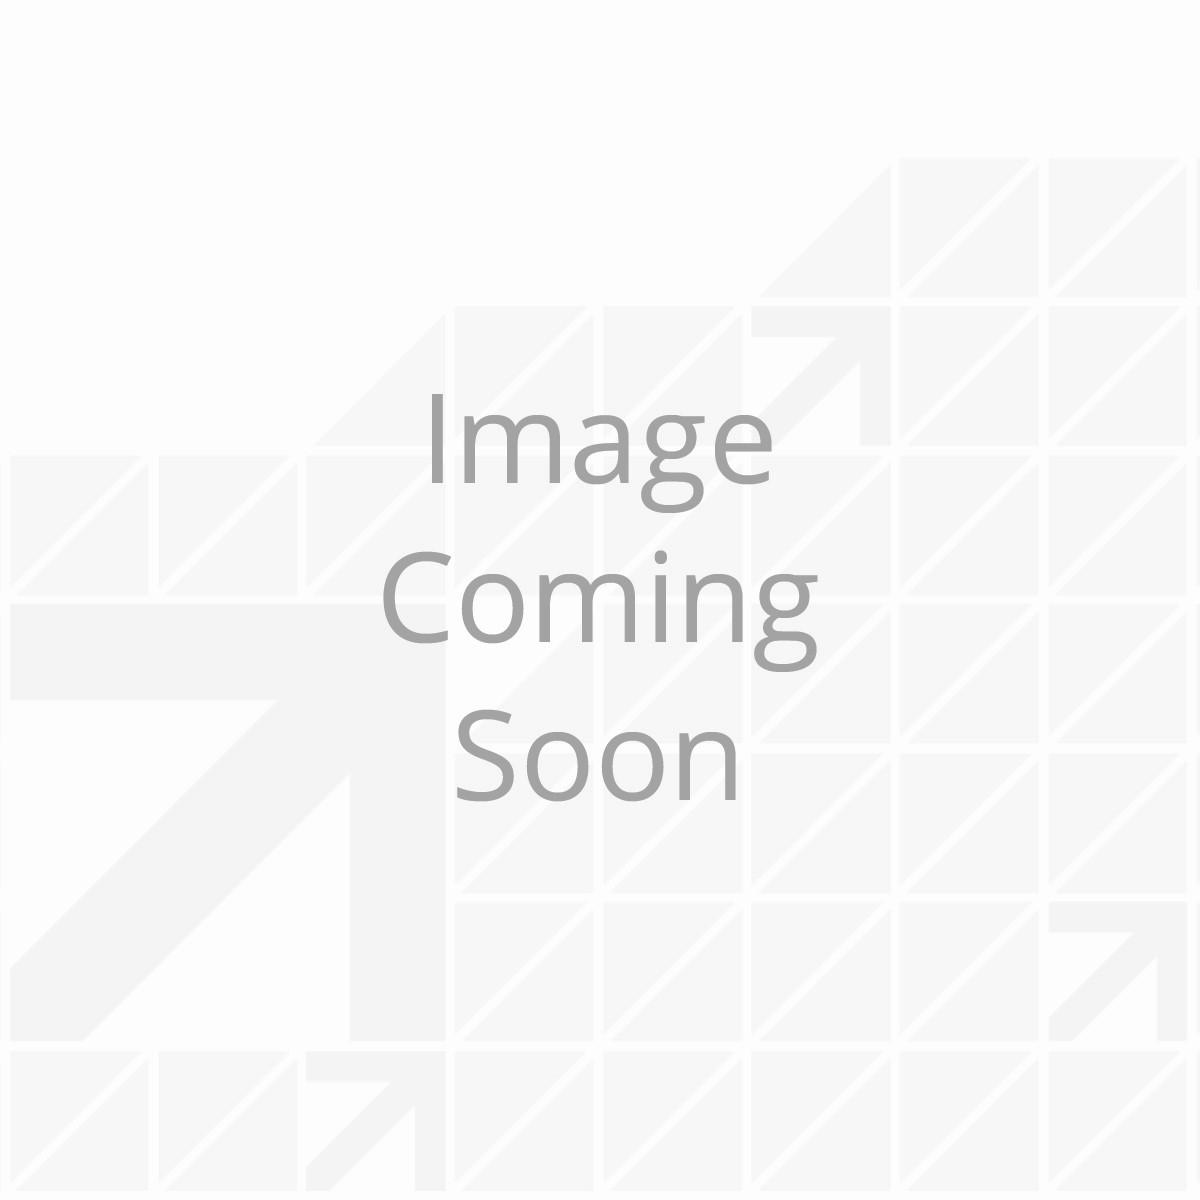 183074_Motor-Brake_001